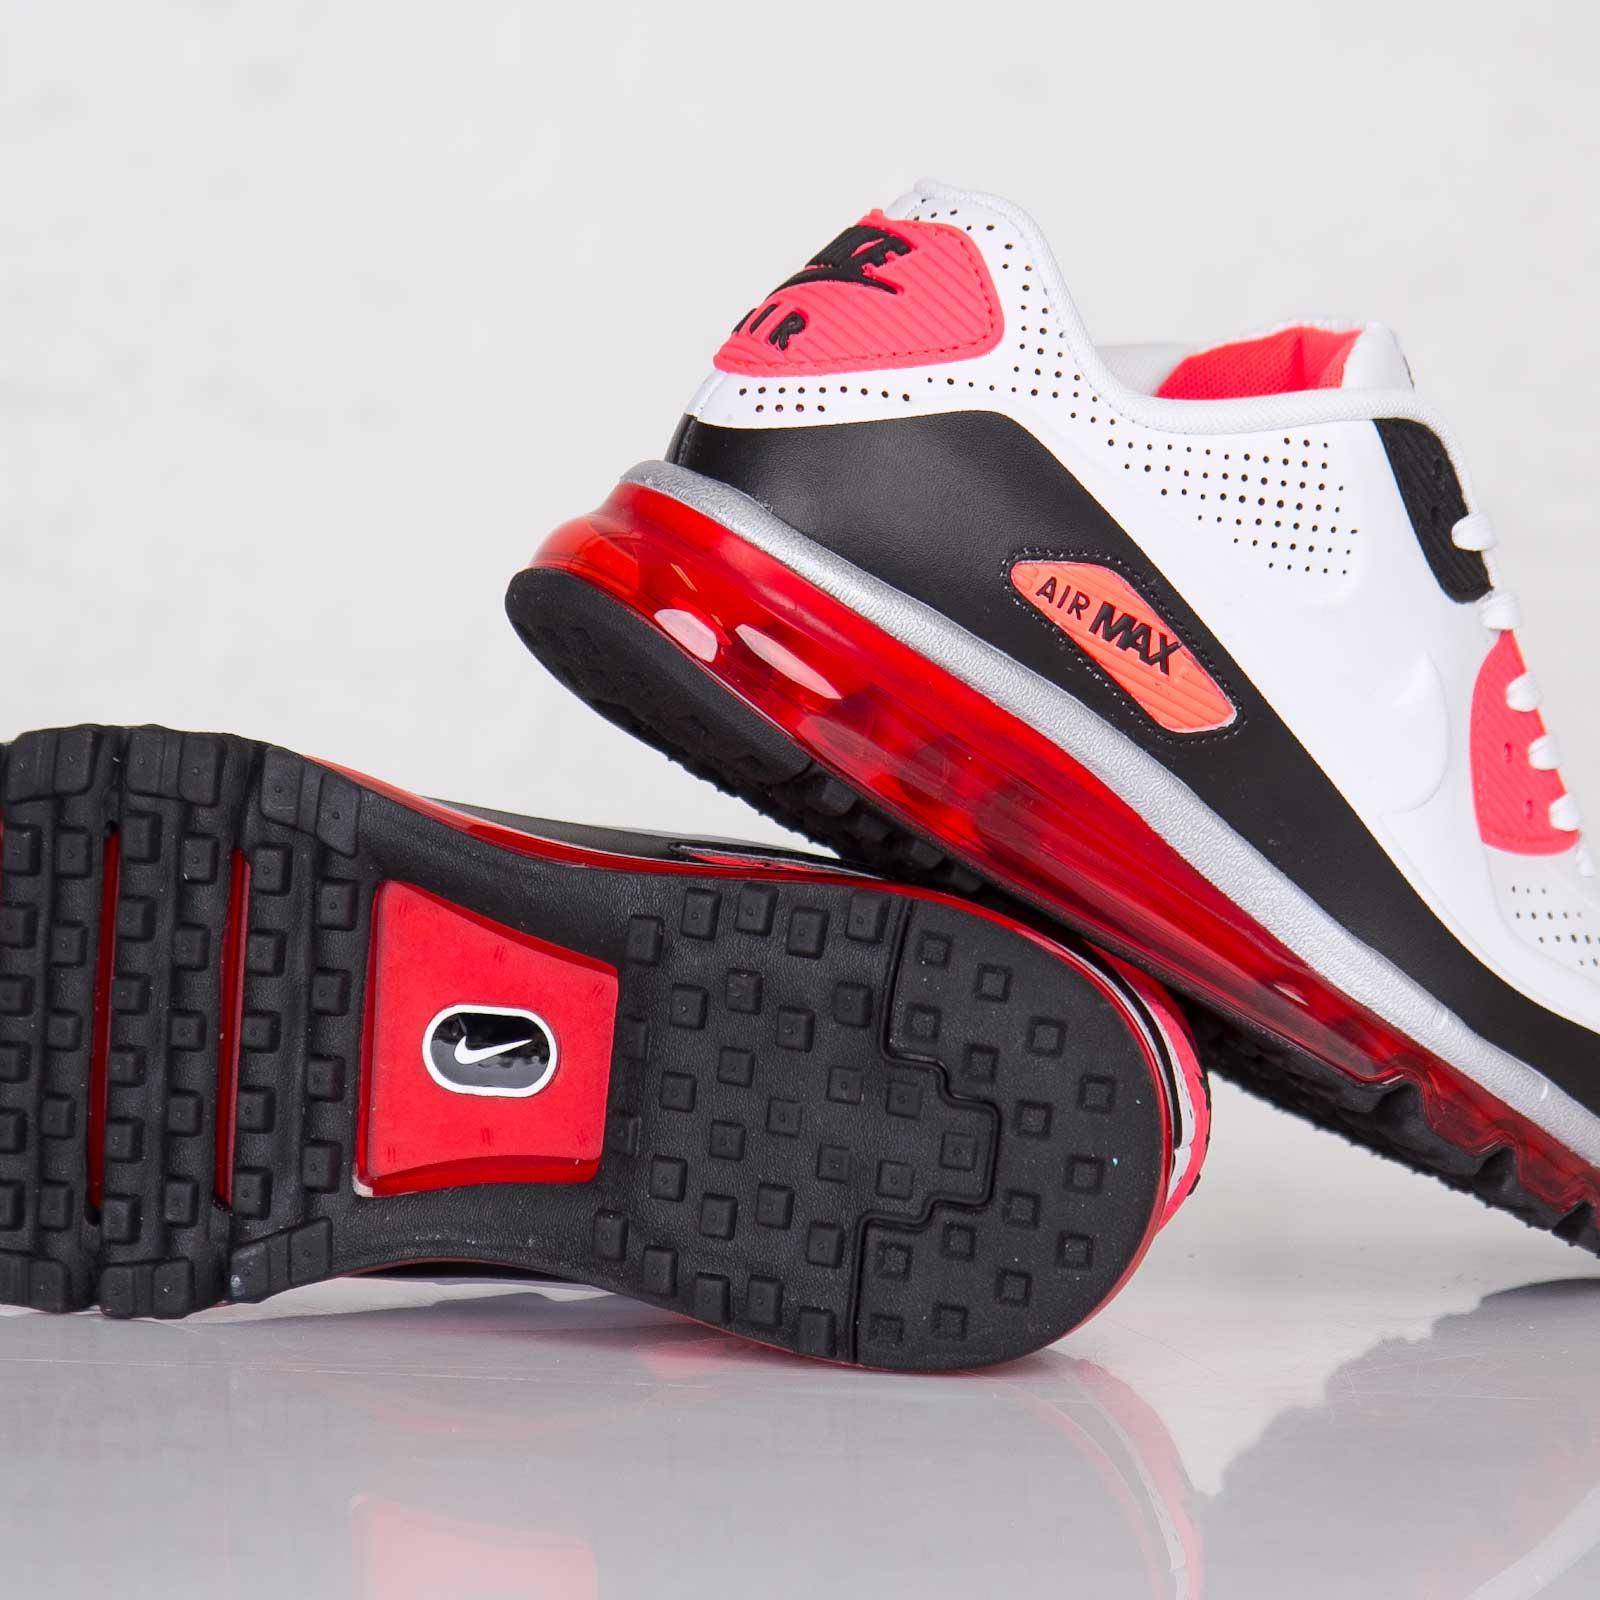 Nike Air Max 90 2014 LTR 'Infrared' Quickstrike 646909 100